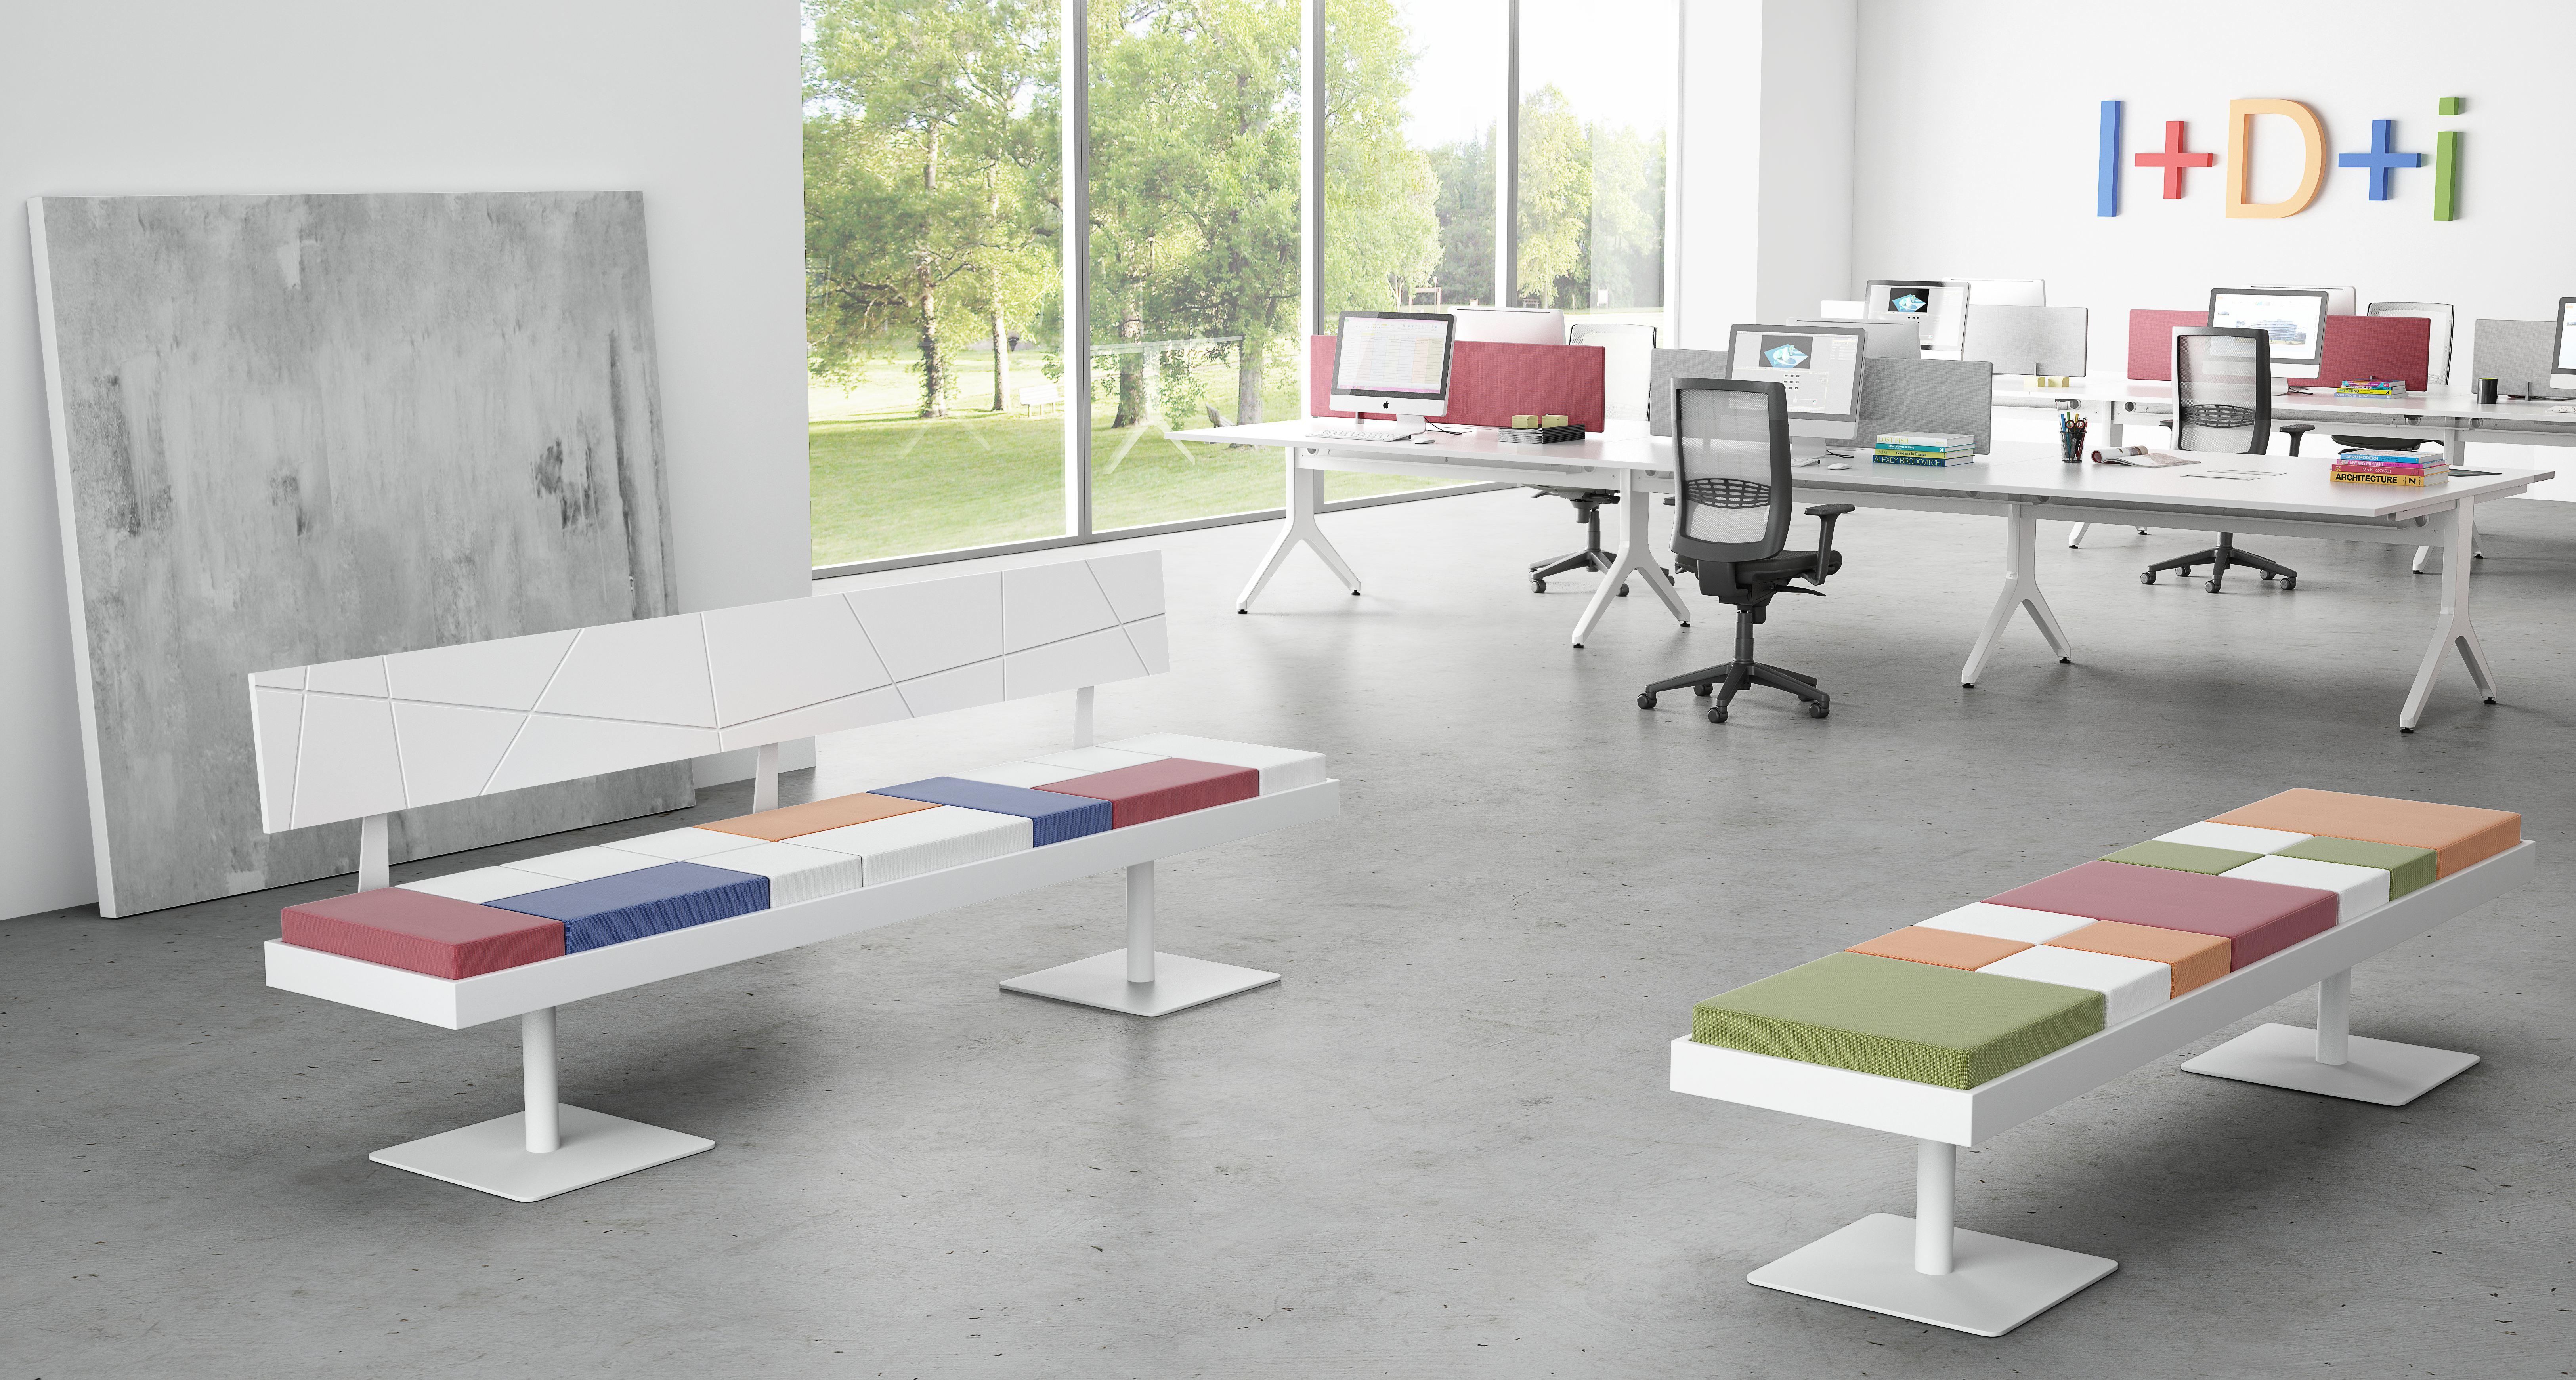 Nuevas bancadas de oficina de jdm blog castilla sa for Banco bilbao vizcaya oficinas